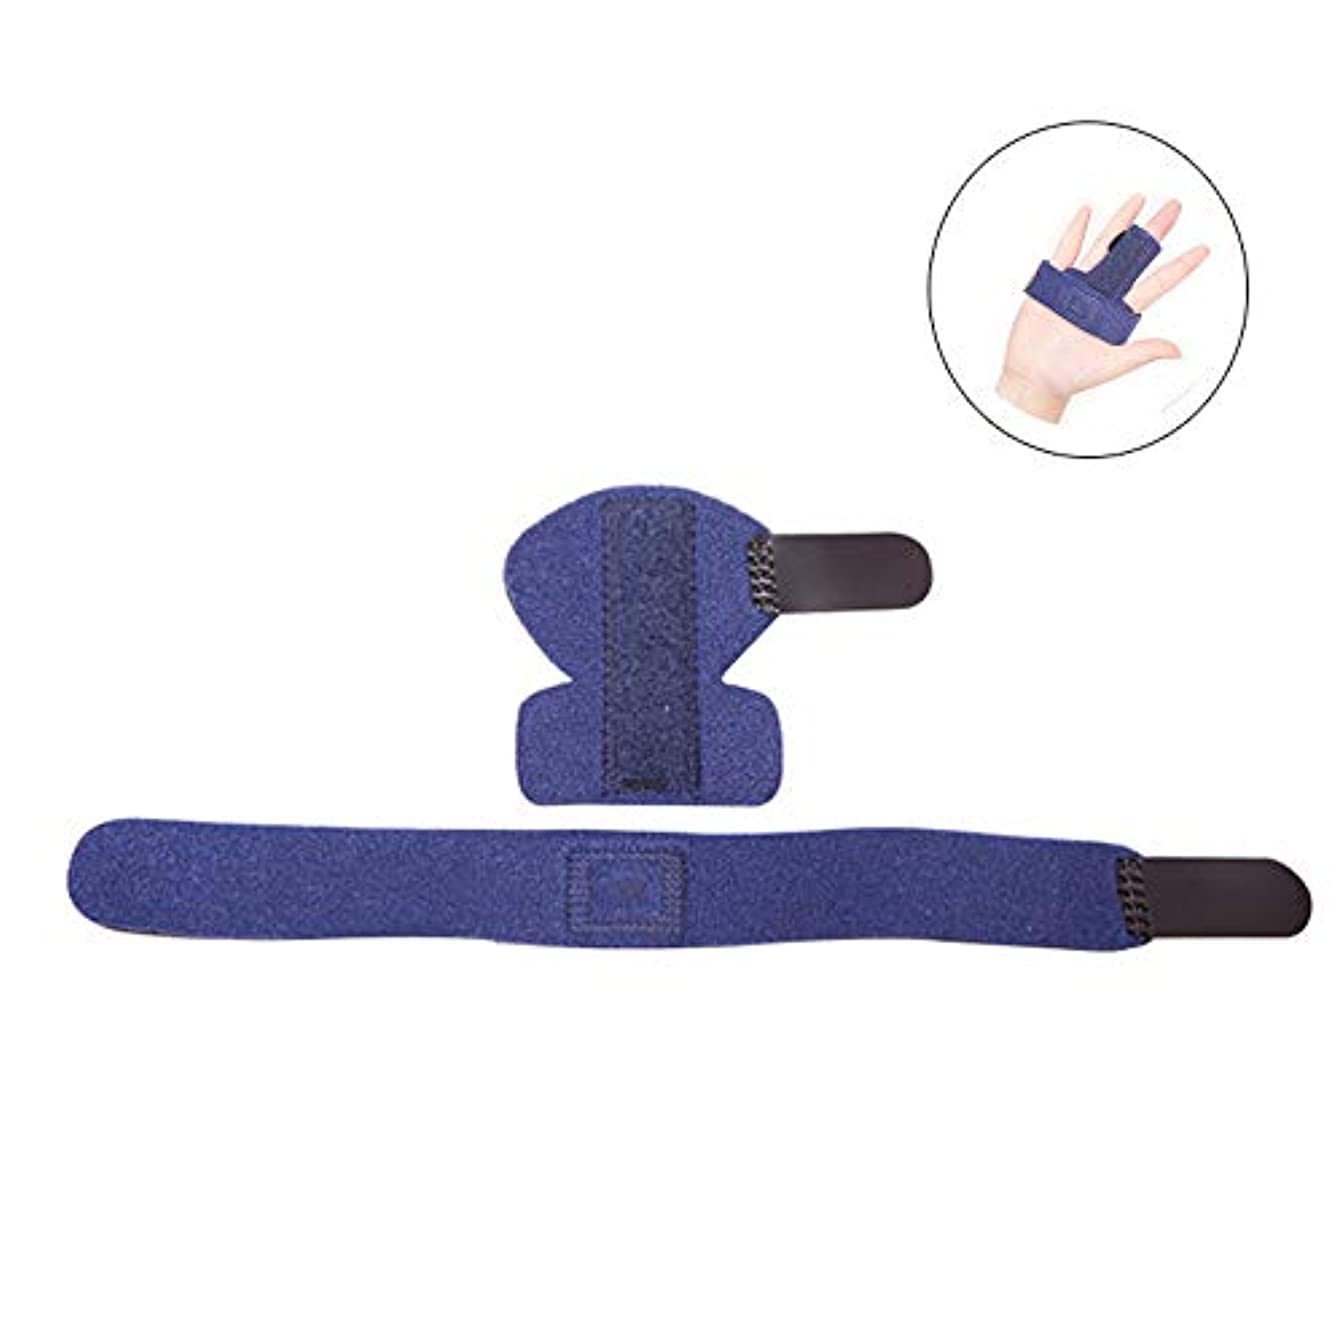 クラウン討論神経指の痛みの軽減、指の関節の固定、指の骨折のための指サポートブレーススプリント調整可能なプロテクター